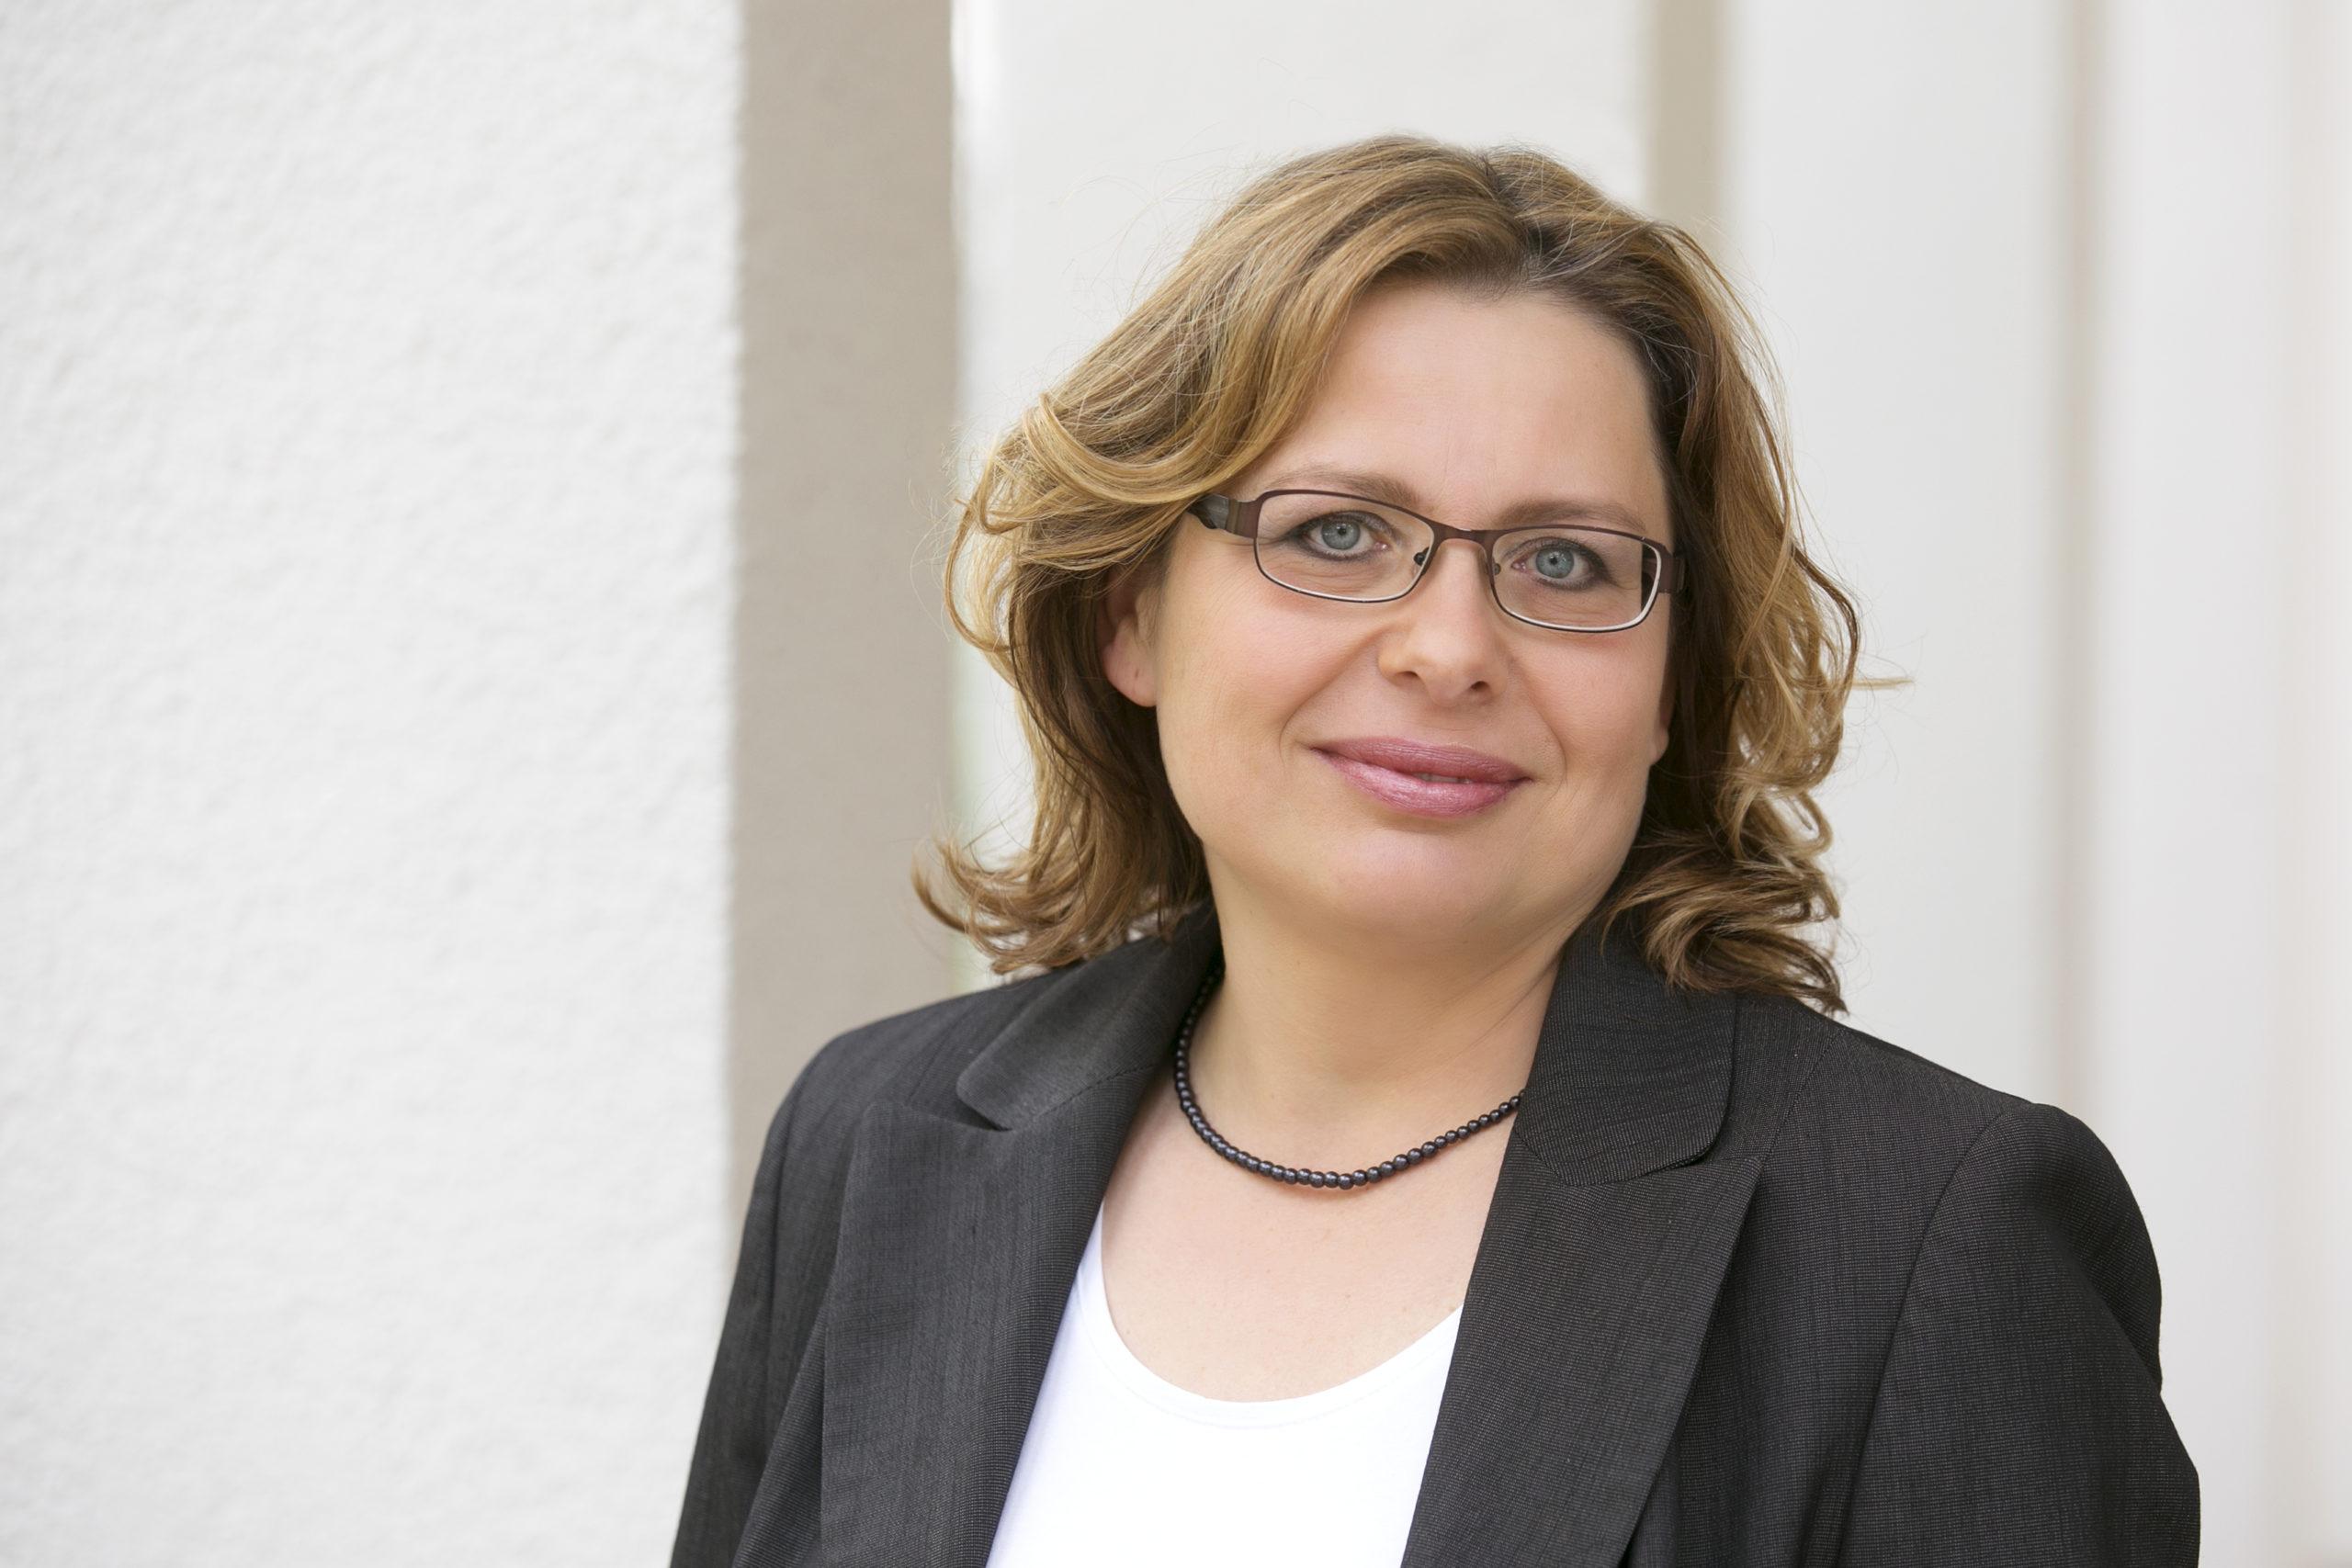 Monika Eberhardt